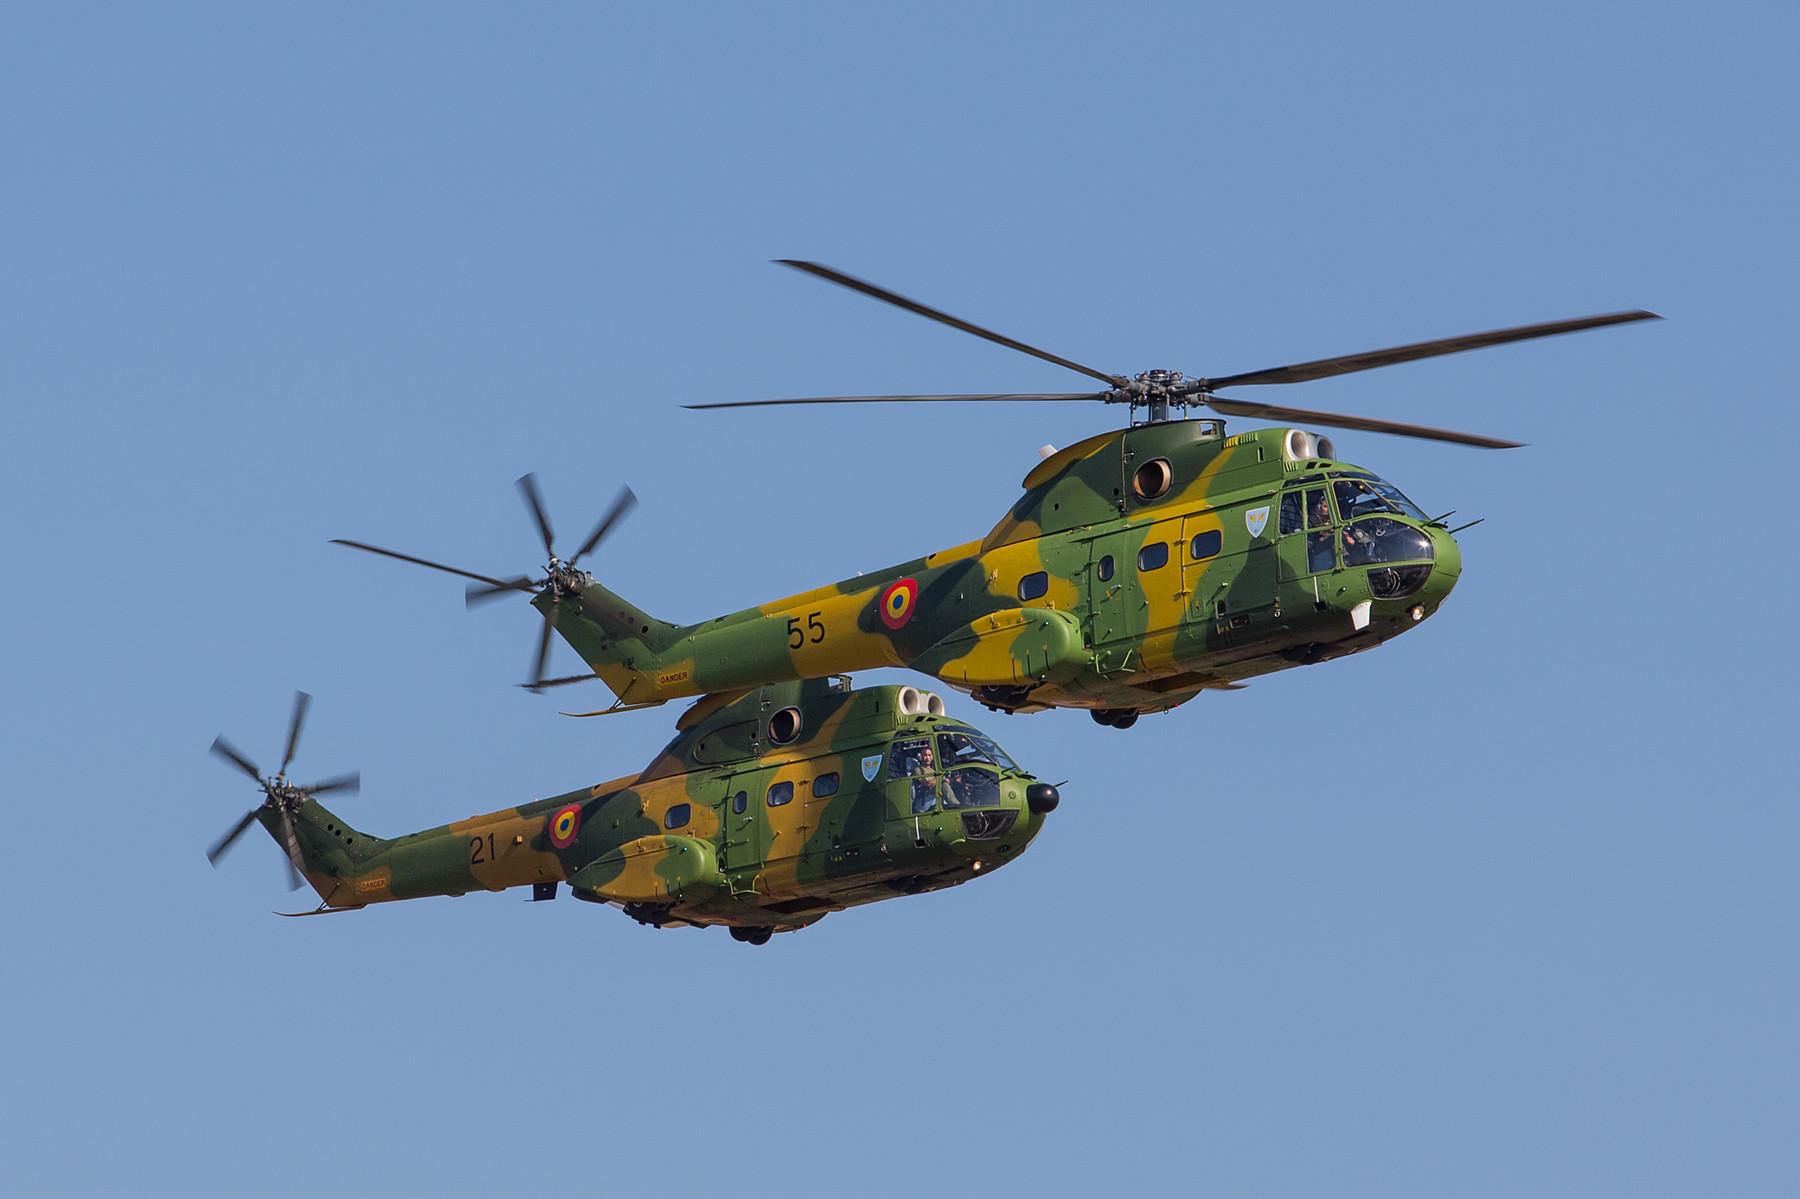 Auch hier fliegen zwei verschiedene Versionen, die 55 vorne ist eine Variante L, im Hintergrund die 21 eine M.